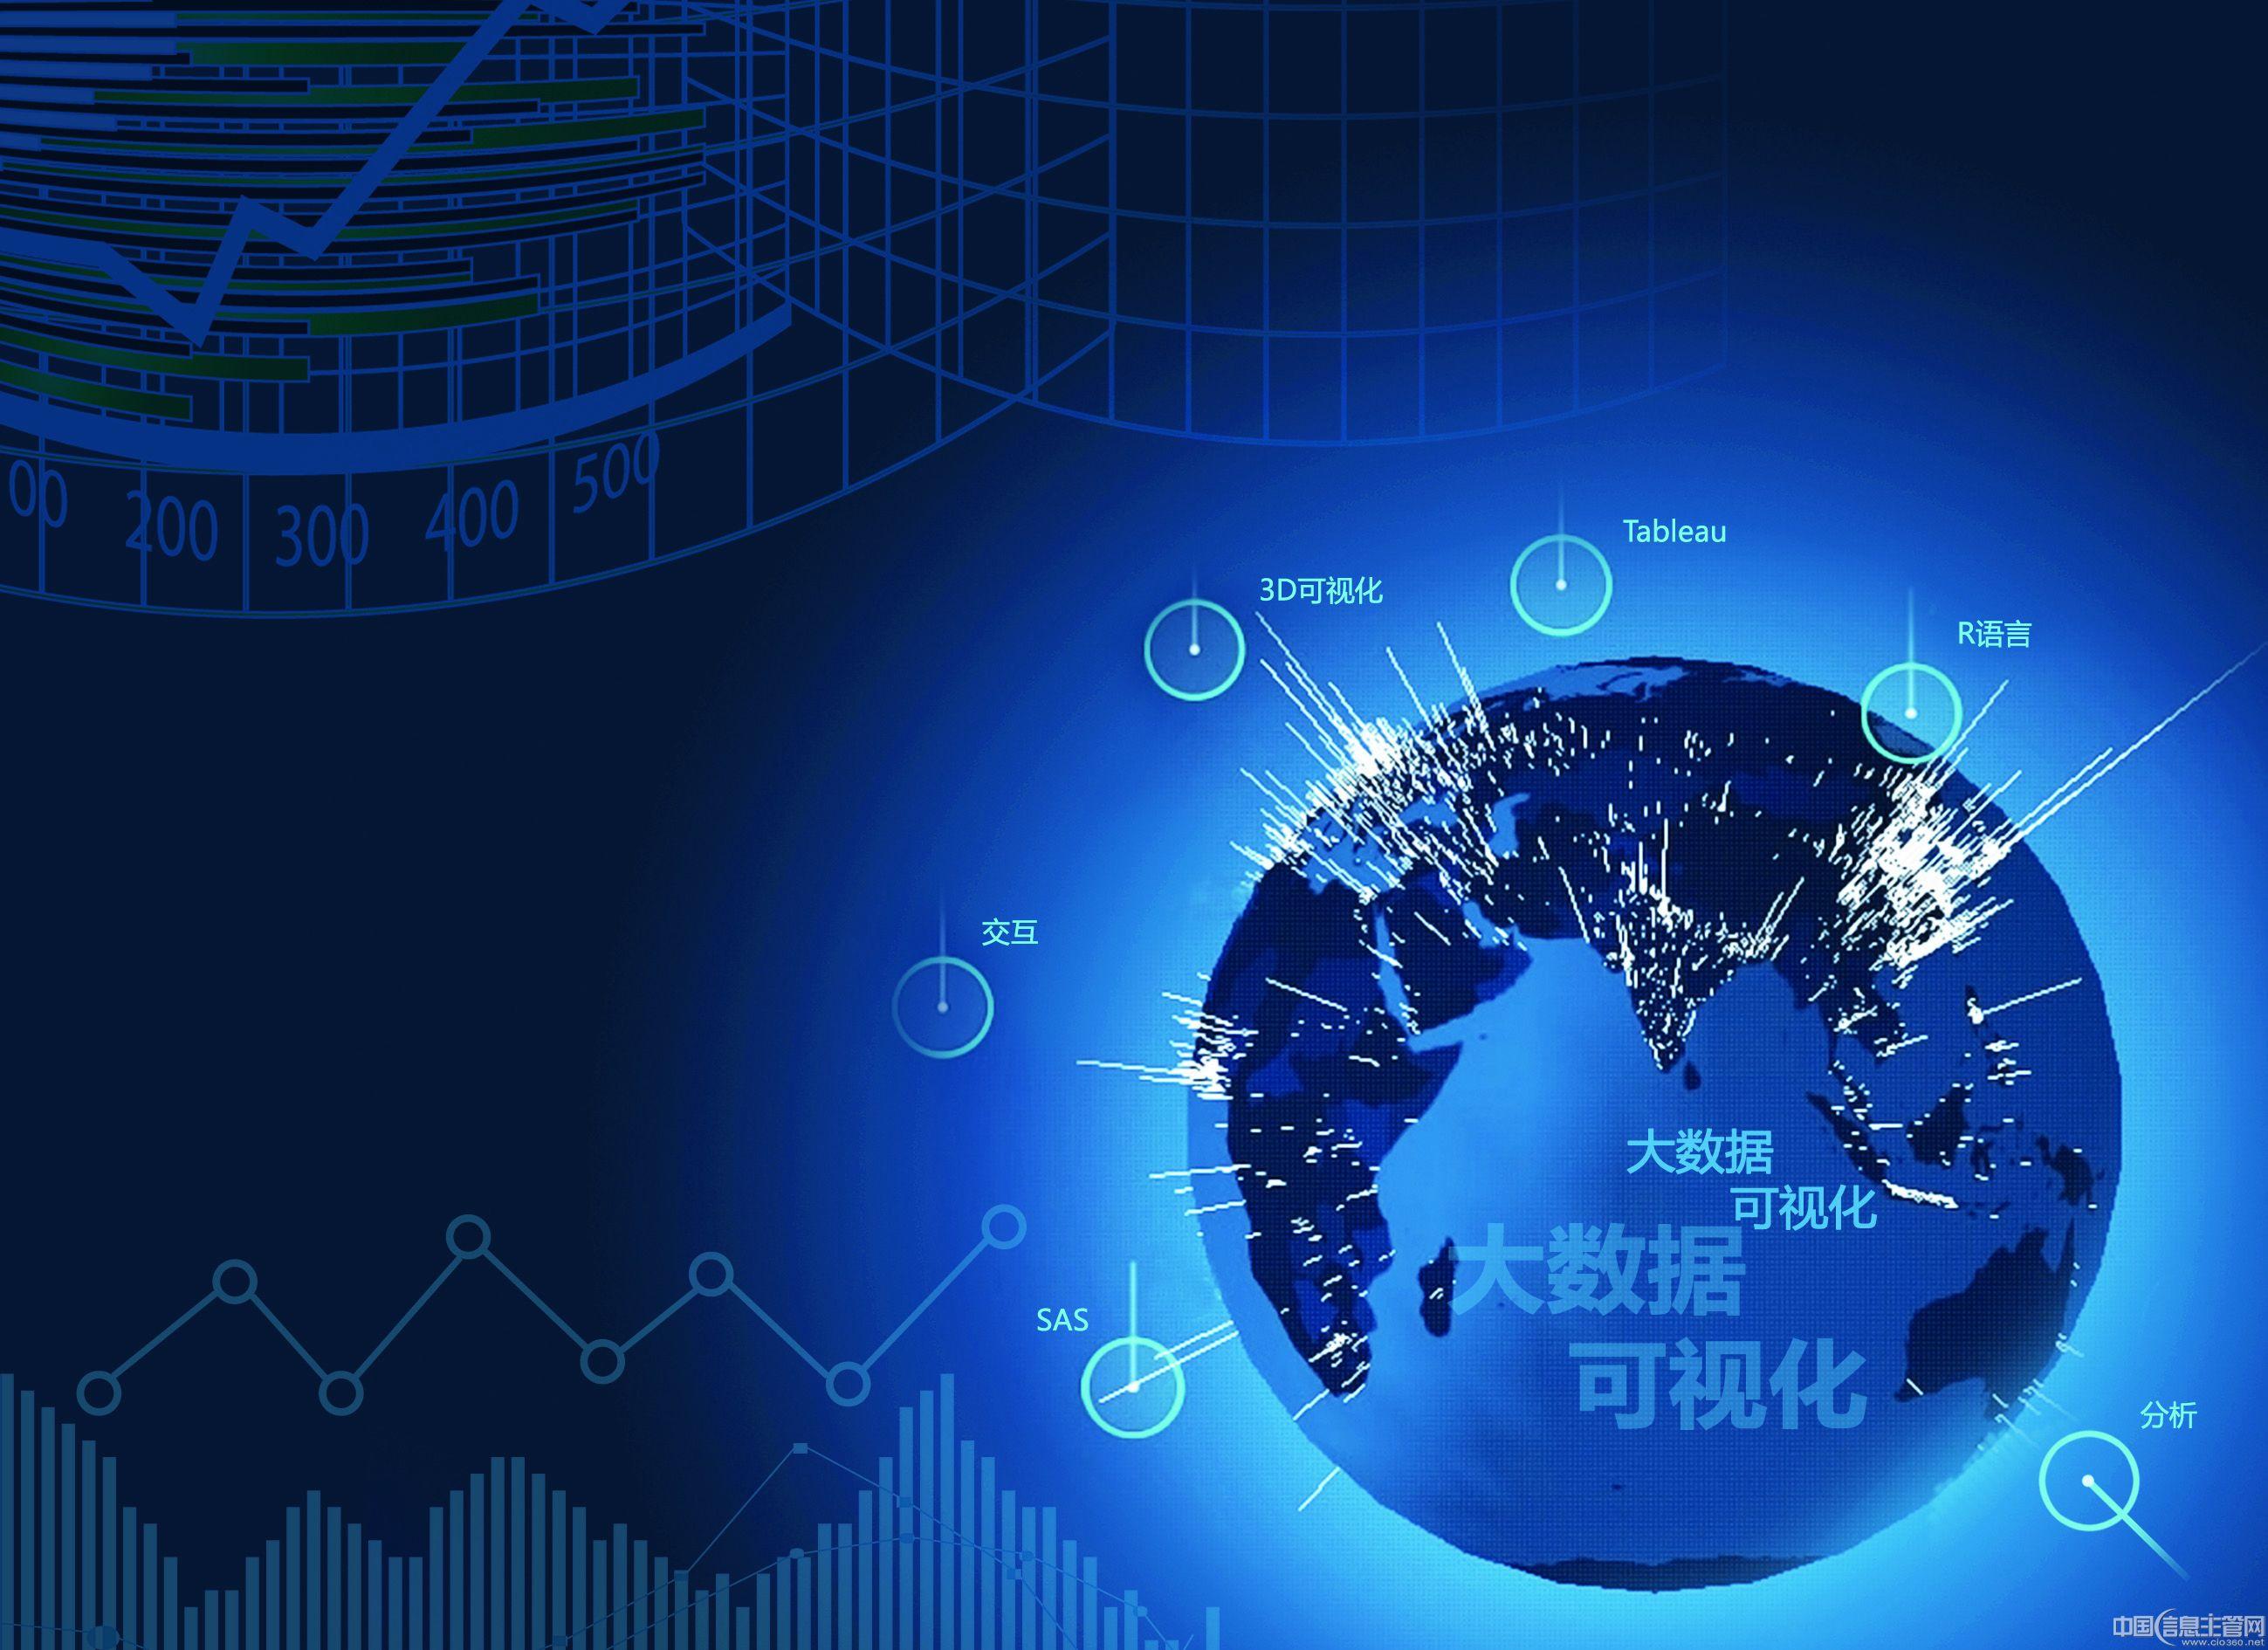 山东发文促进移动互联网健康有序发展 提出四项重点任务